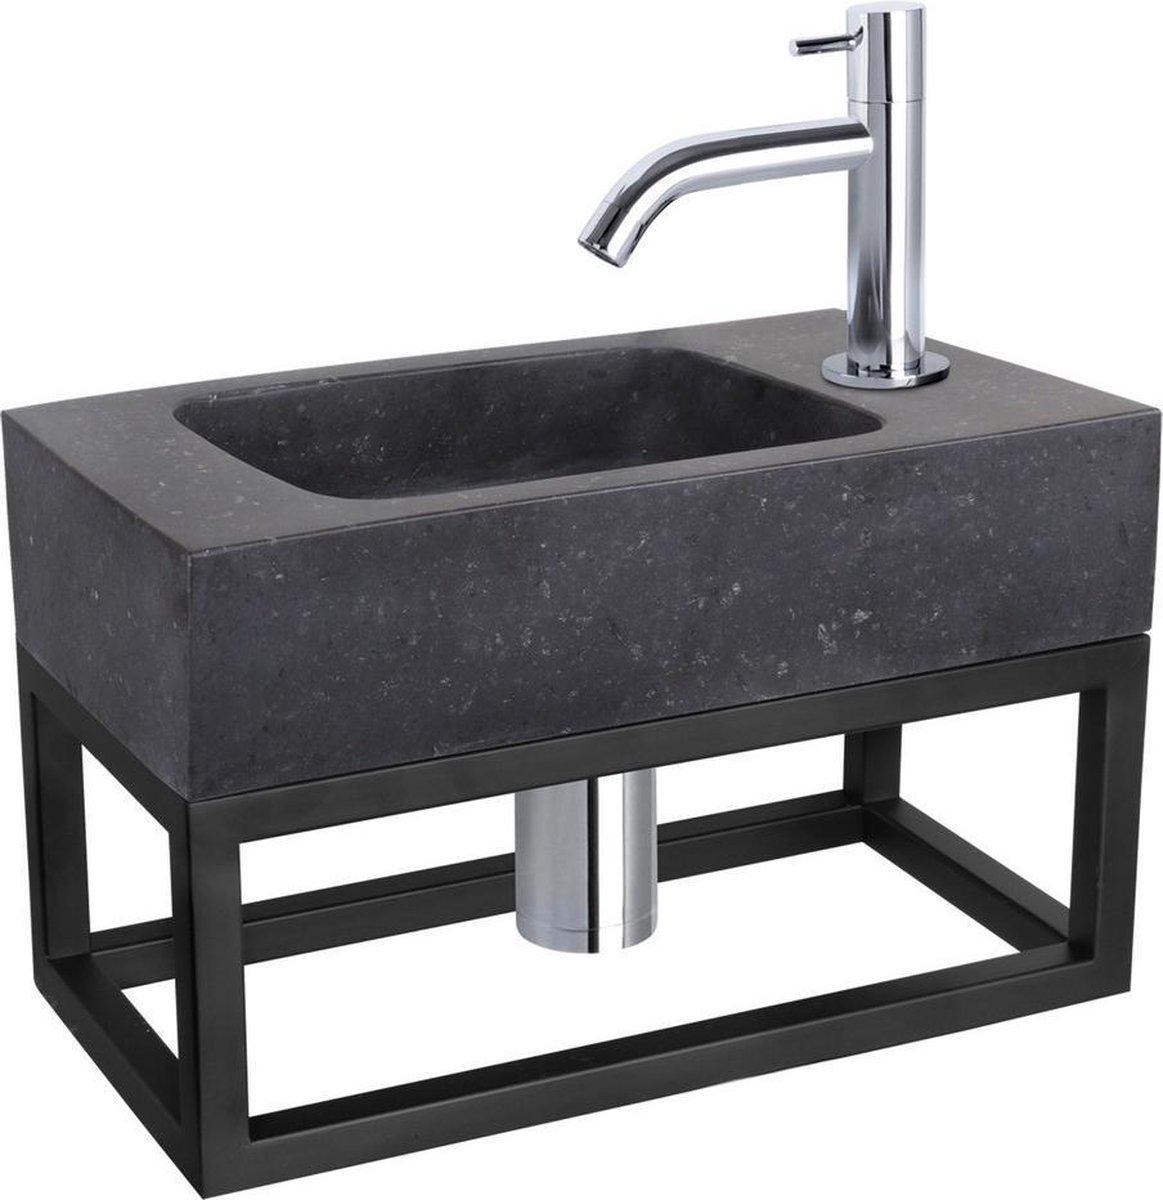 Differnz Fonteinset Bombai black - Natuursteen - Kraan gebogen chroom - Met handdoekrek - 40 x 22 x 9 cm